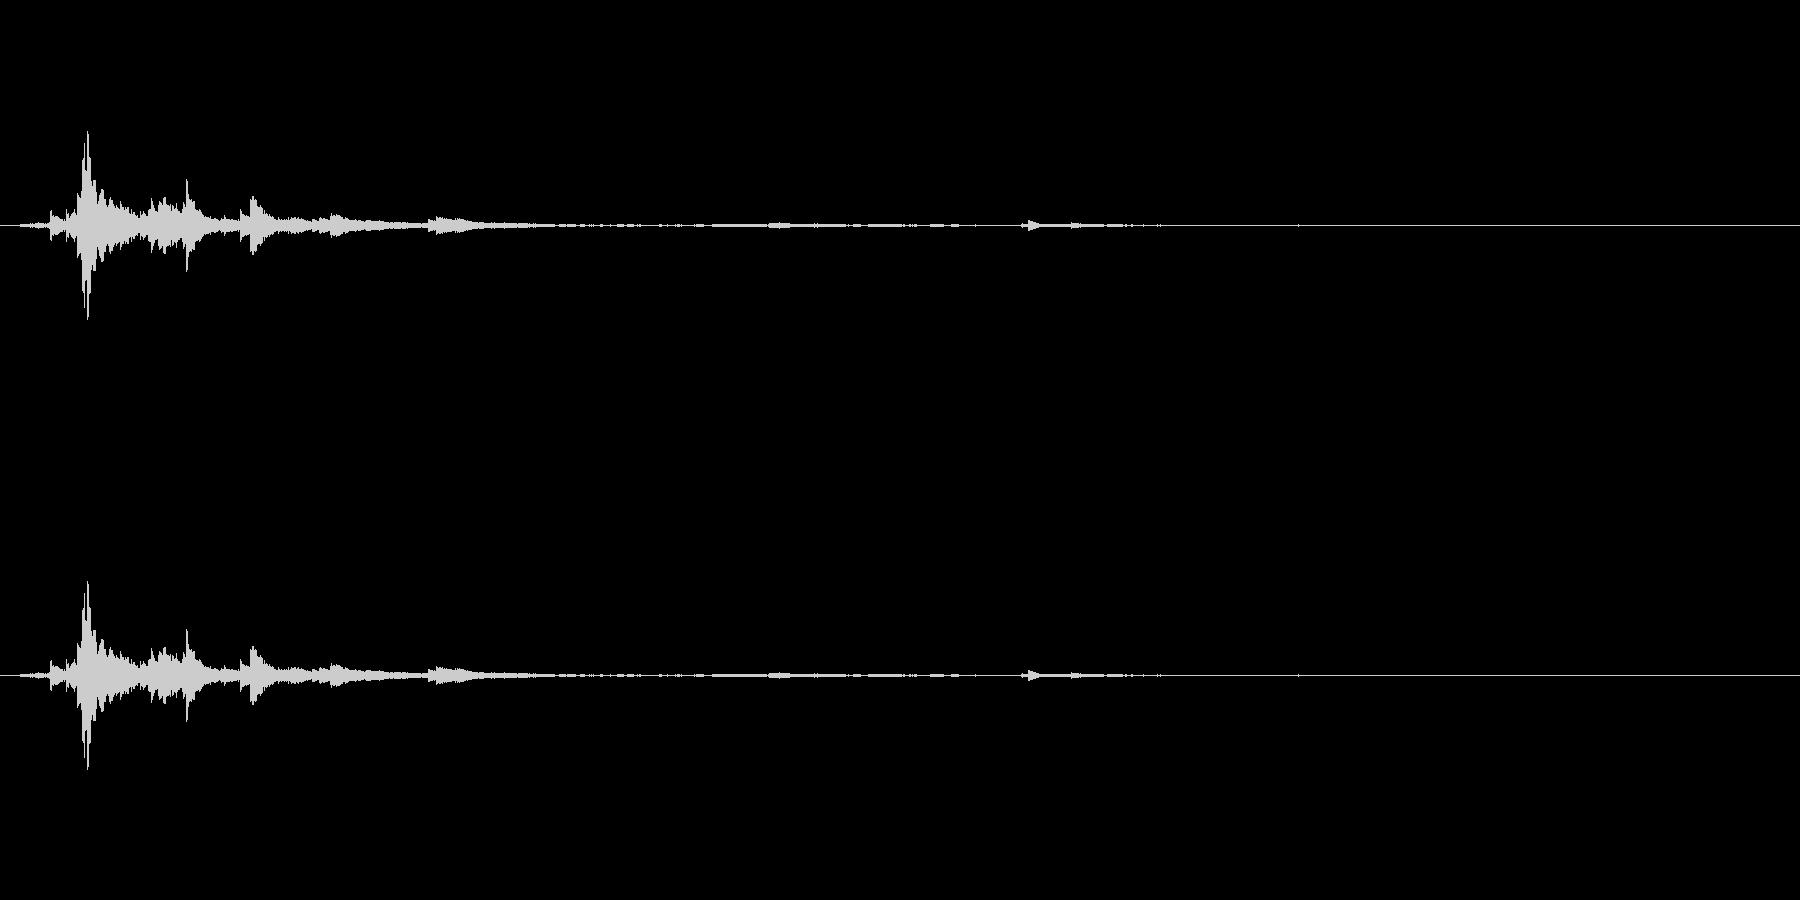 メタル 風鈴03の未再生の波形